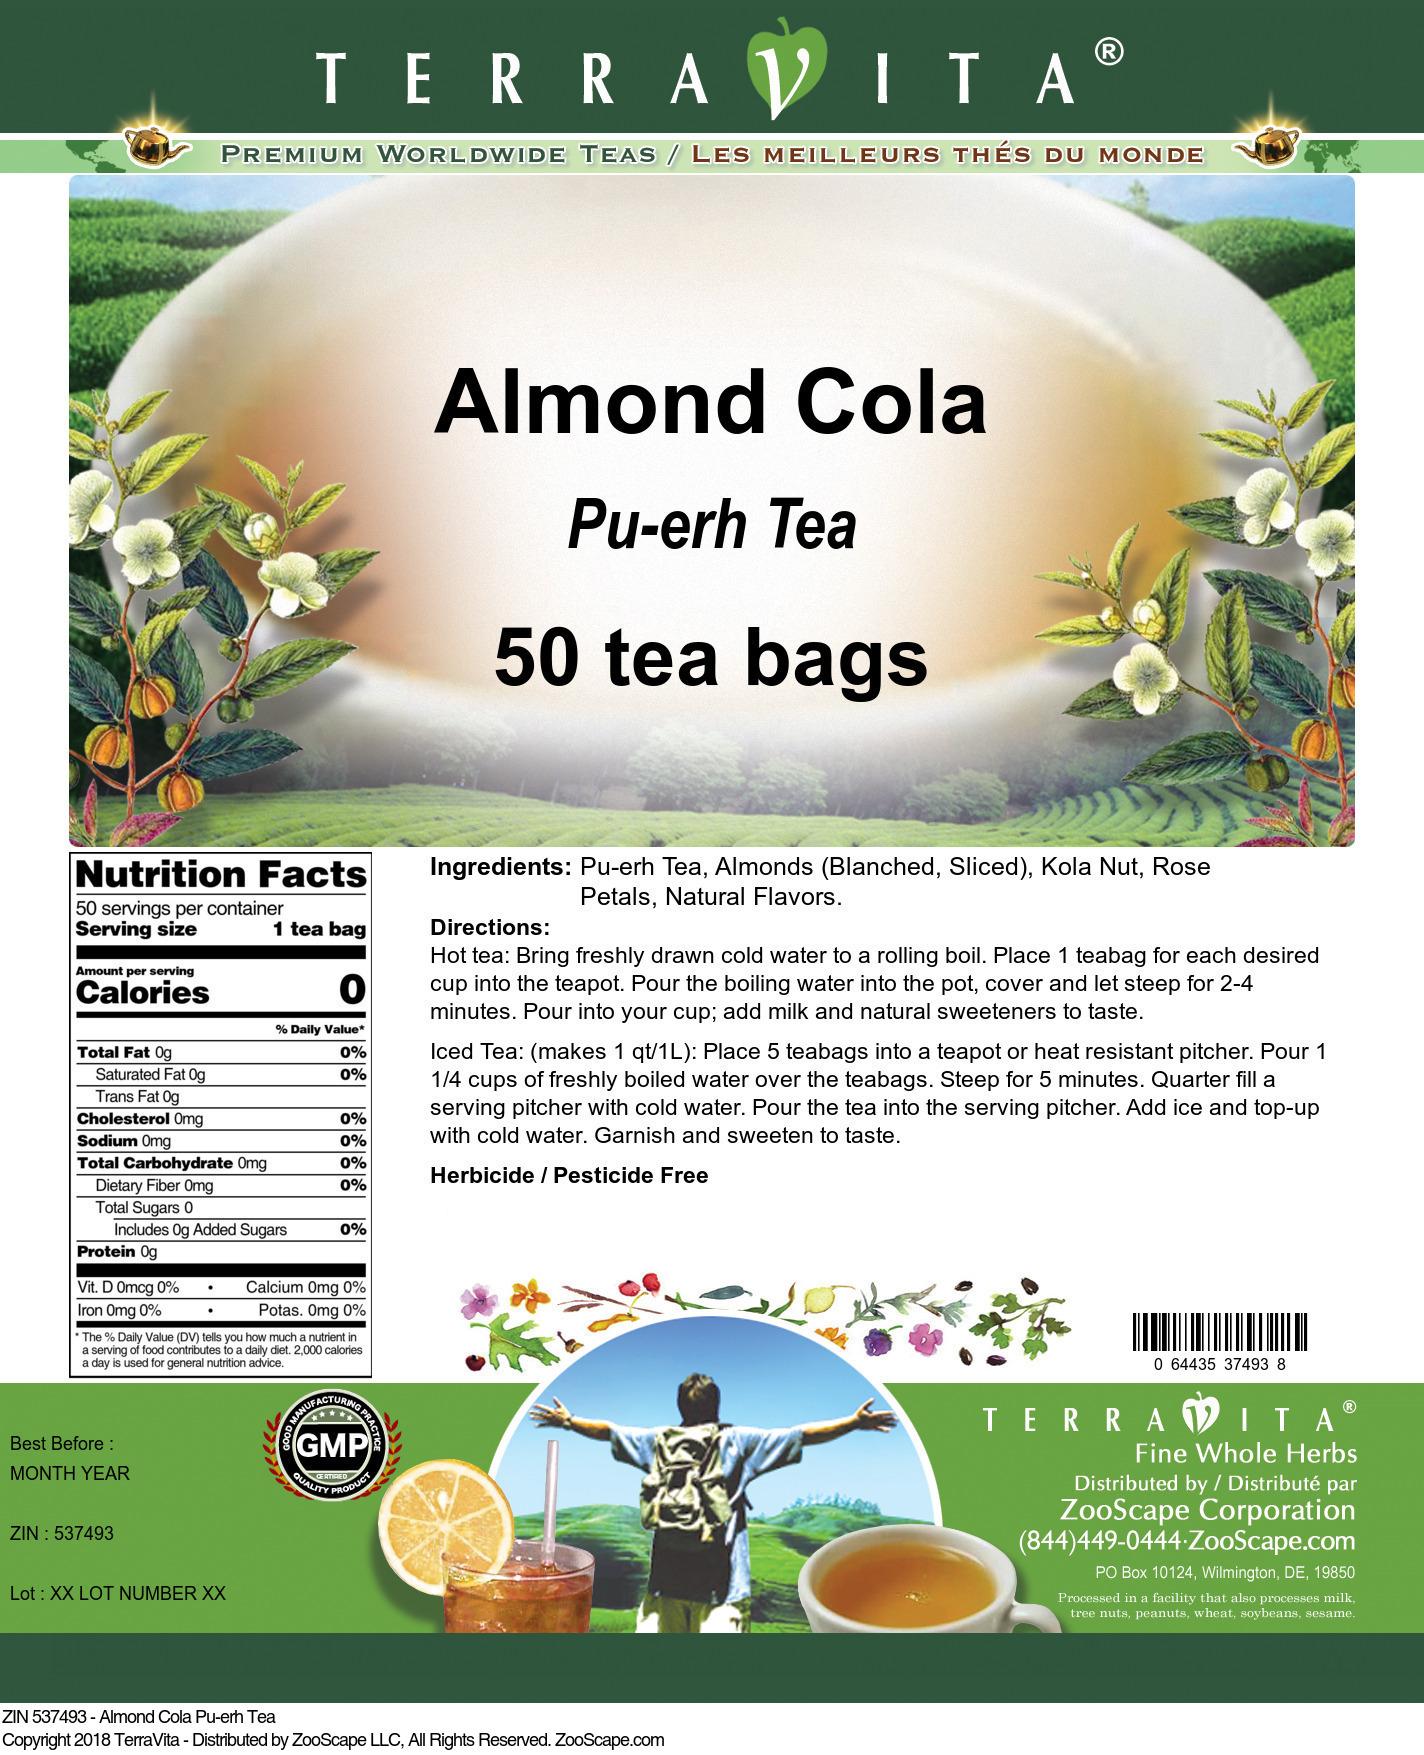 Almond Cola Pu-erh Tea